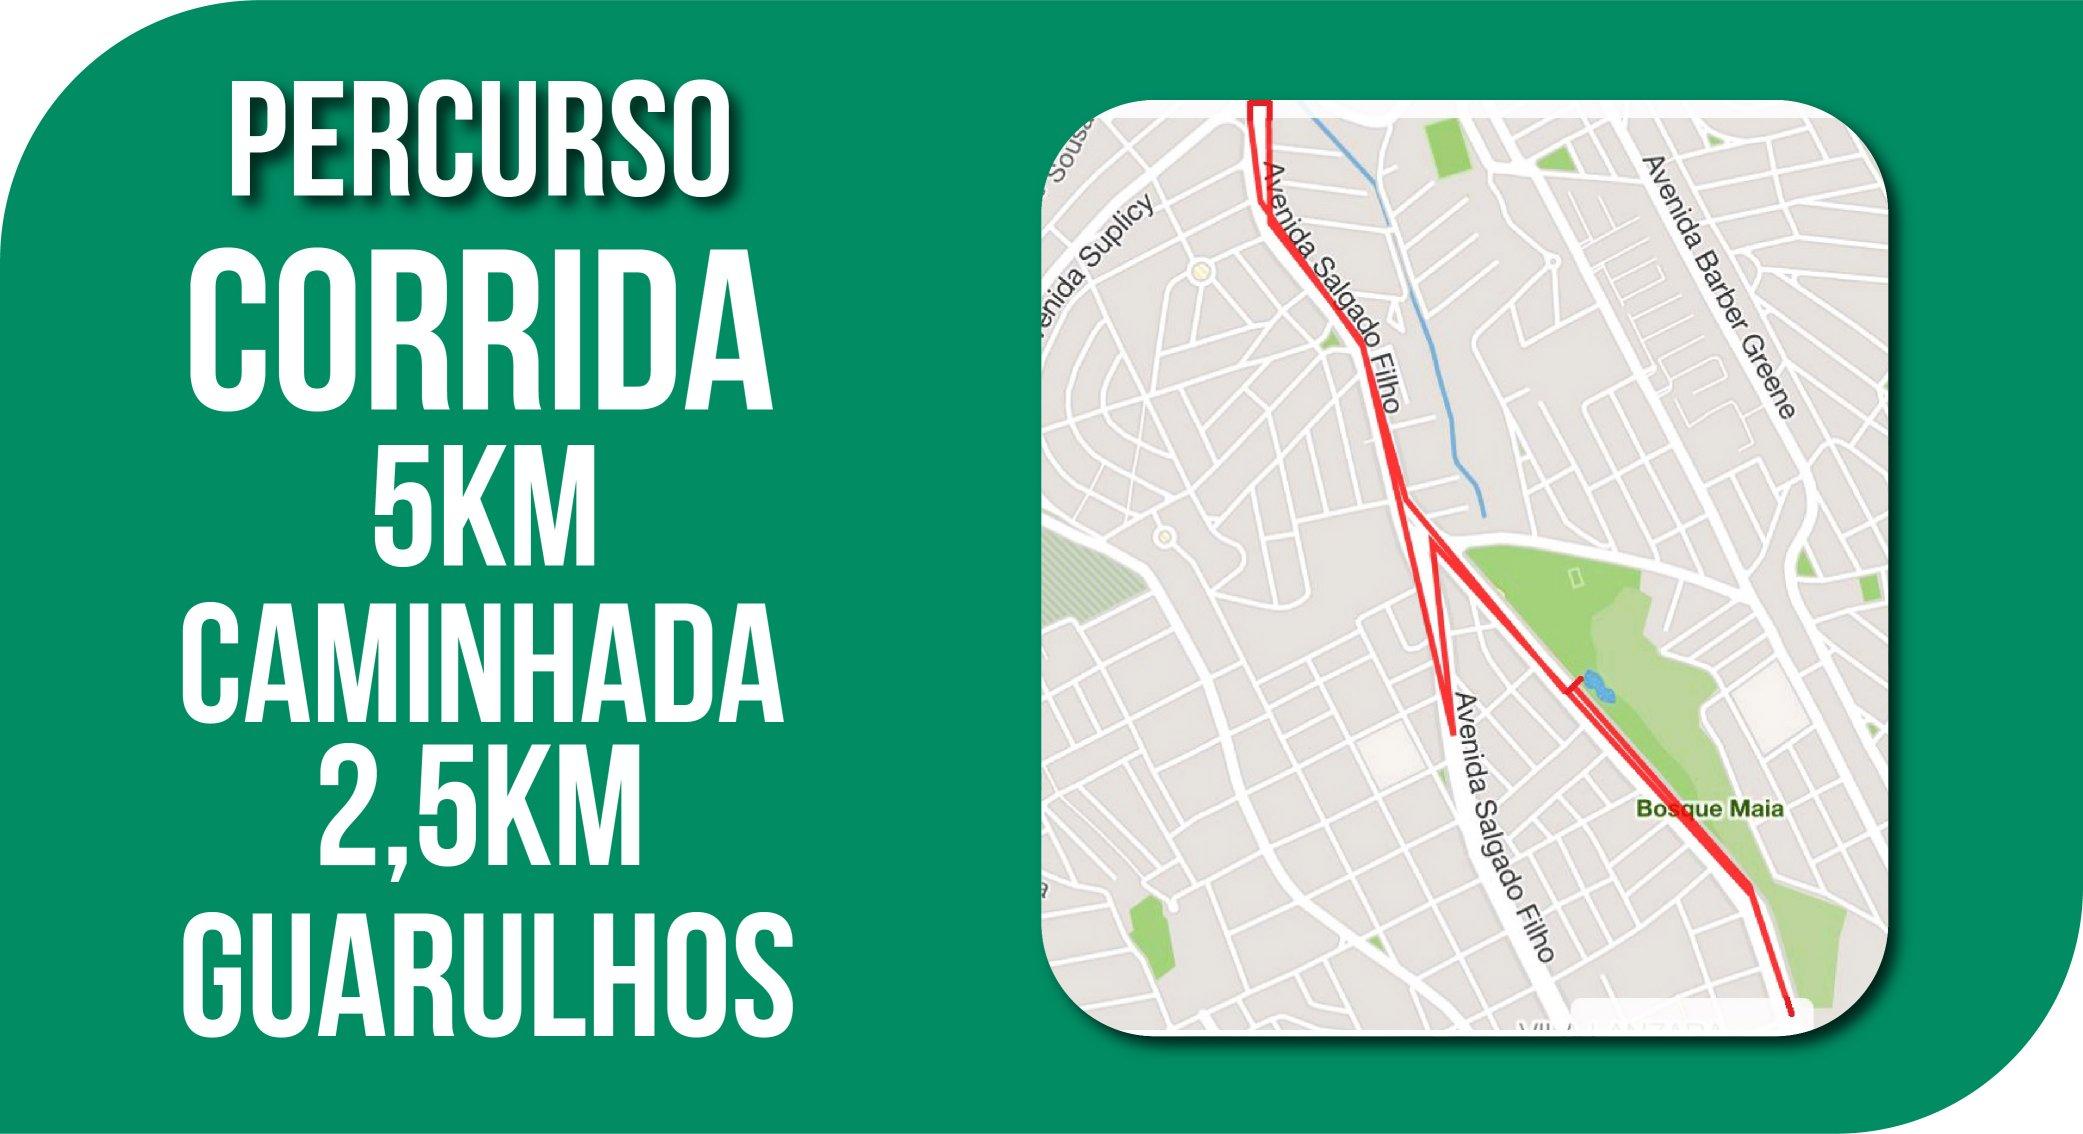 Percurso-5km-e-caminhada-20